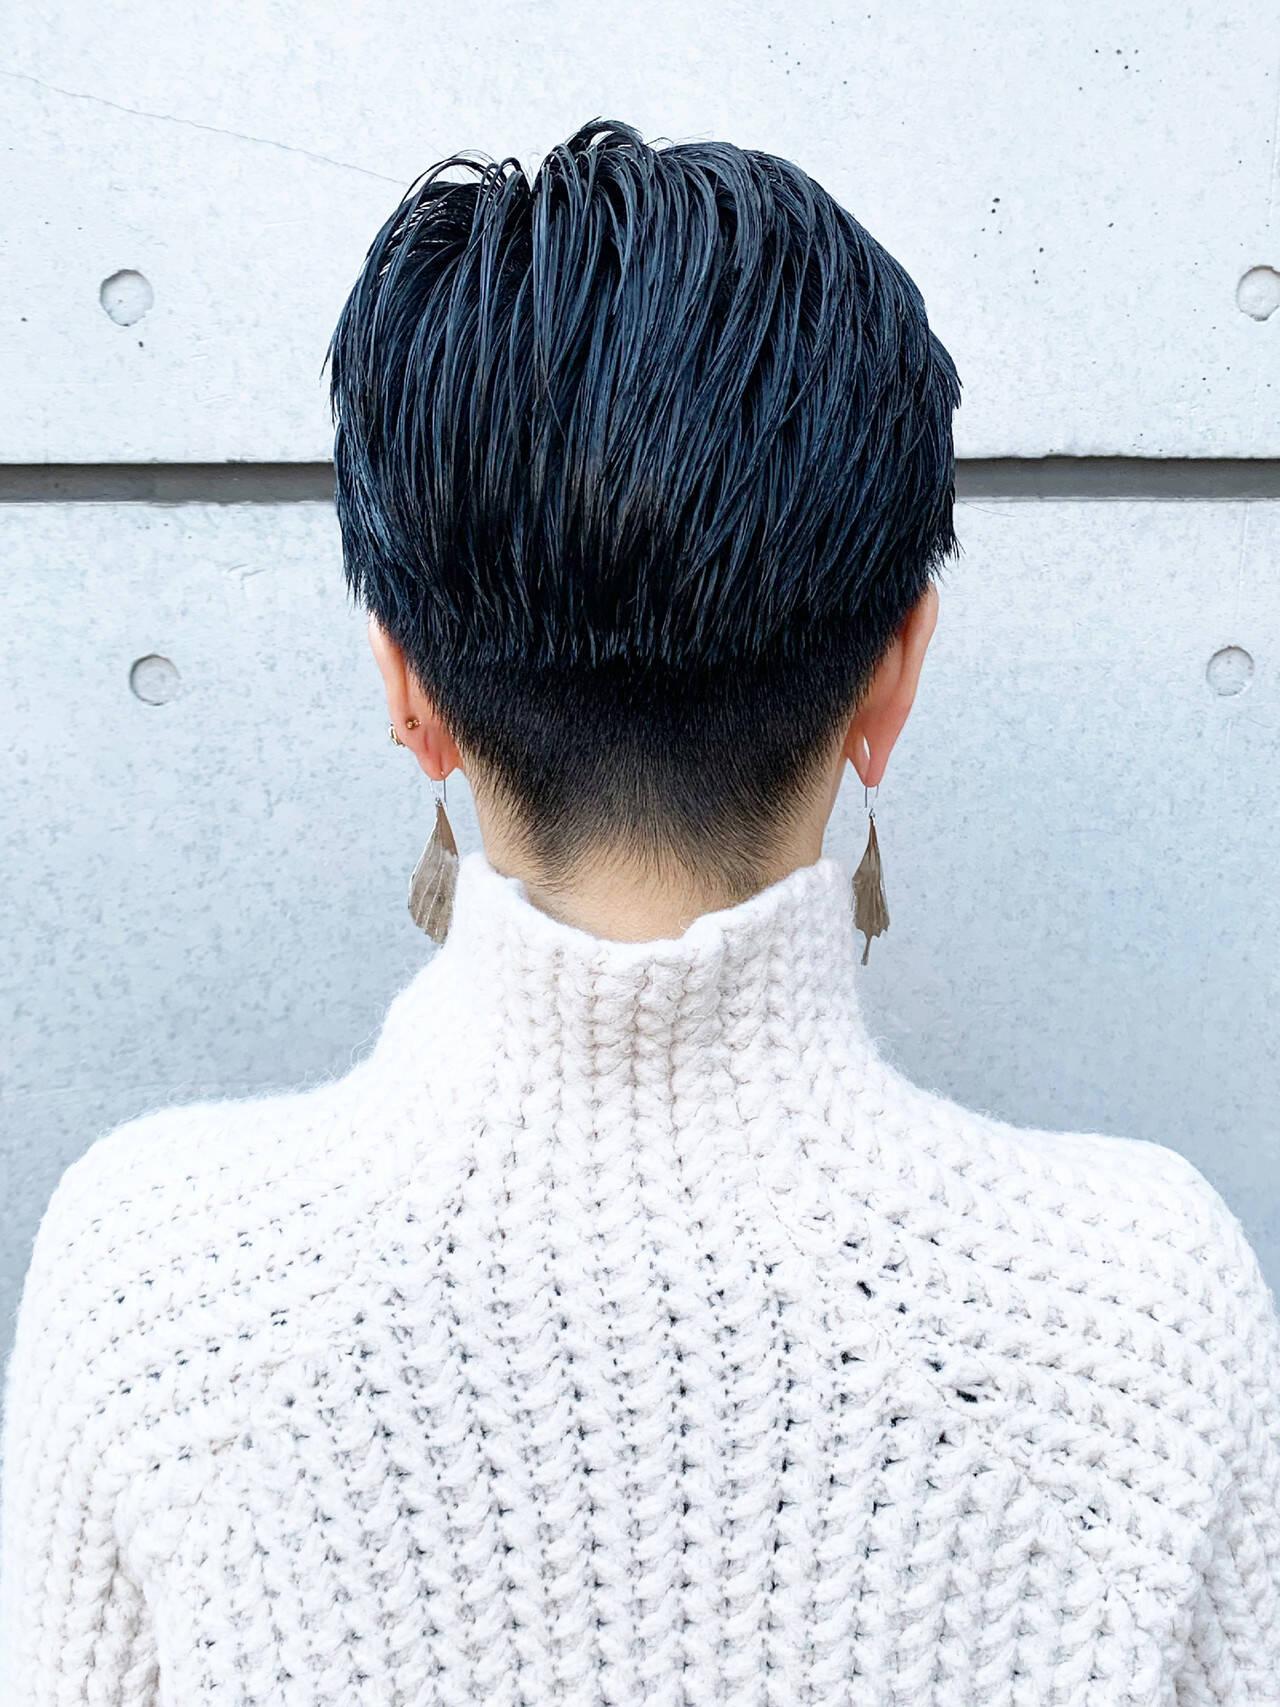 ショートヘア ショート 刈り上げショート 刈り上げ女子ヘアスタイルや髪型の写真・画像